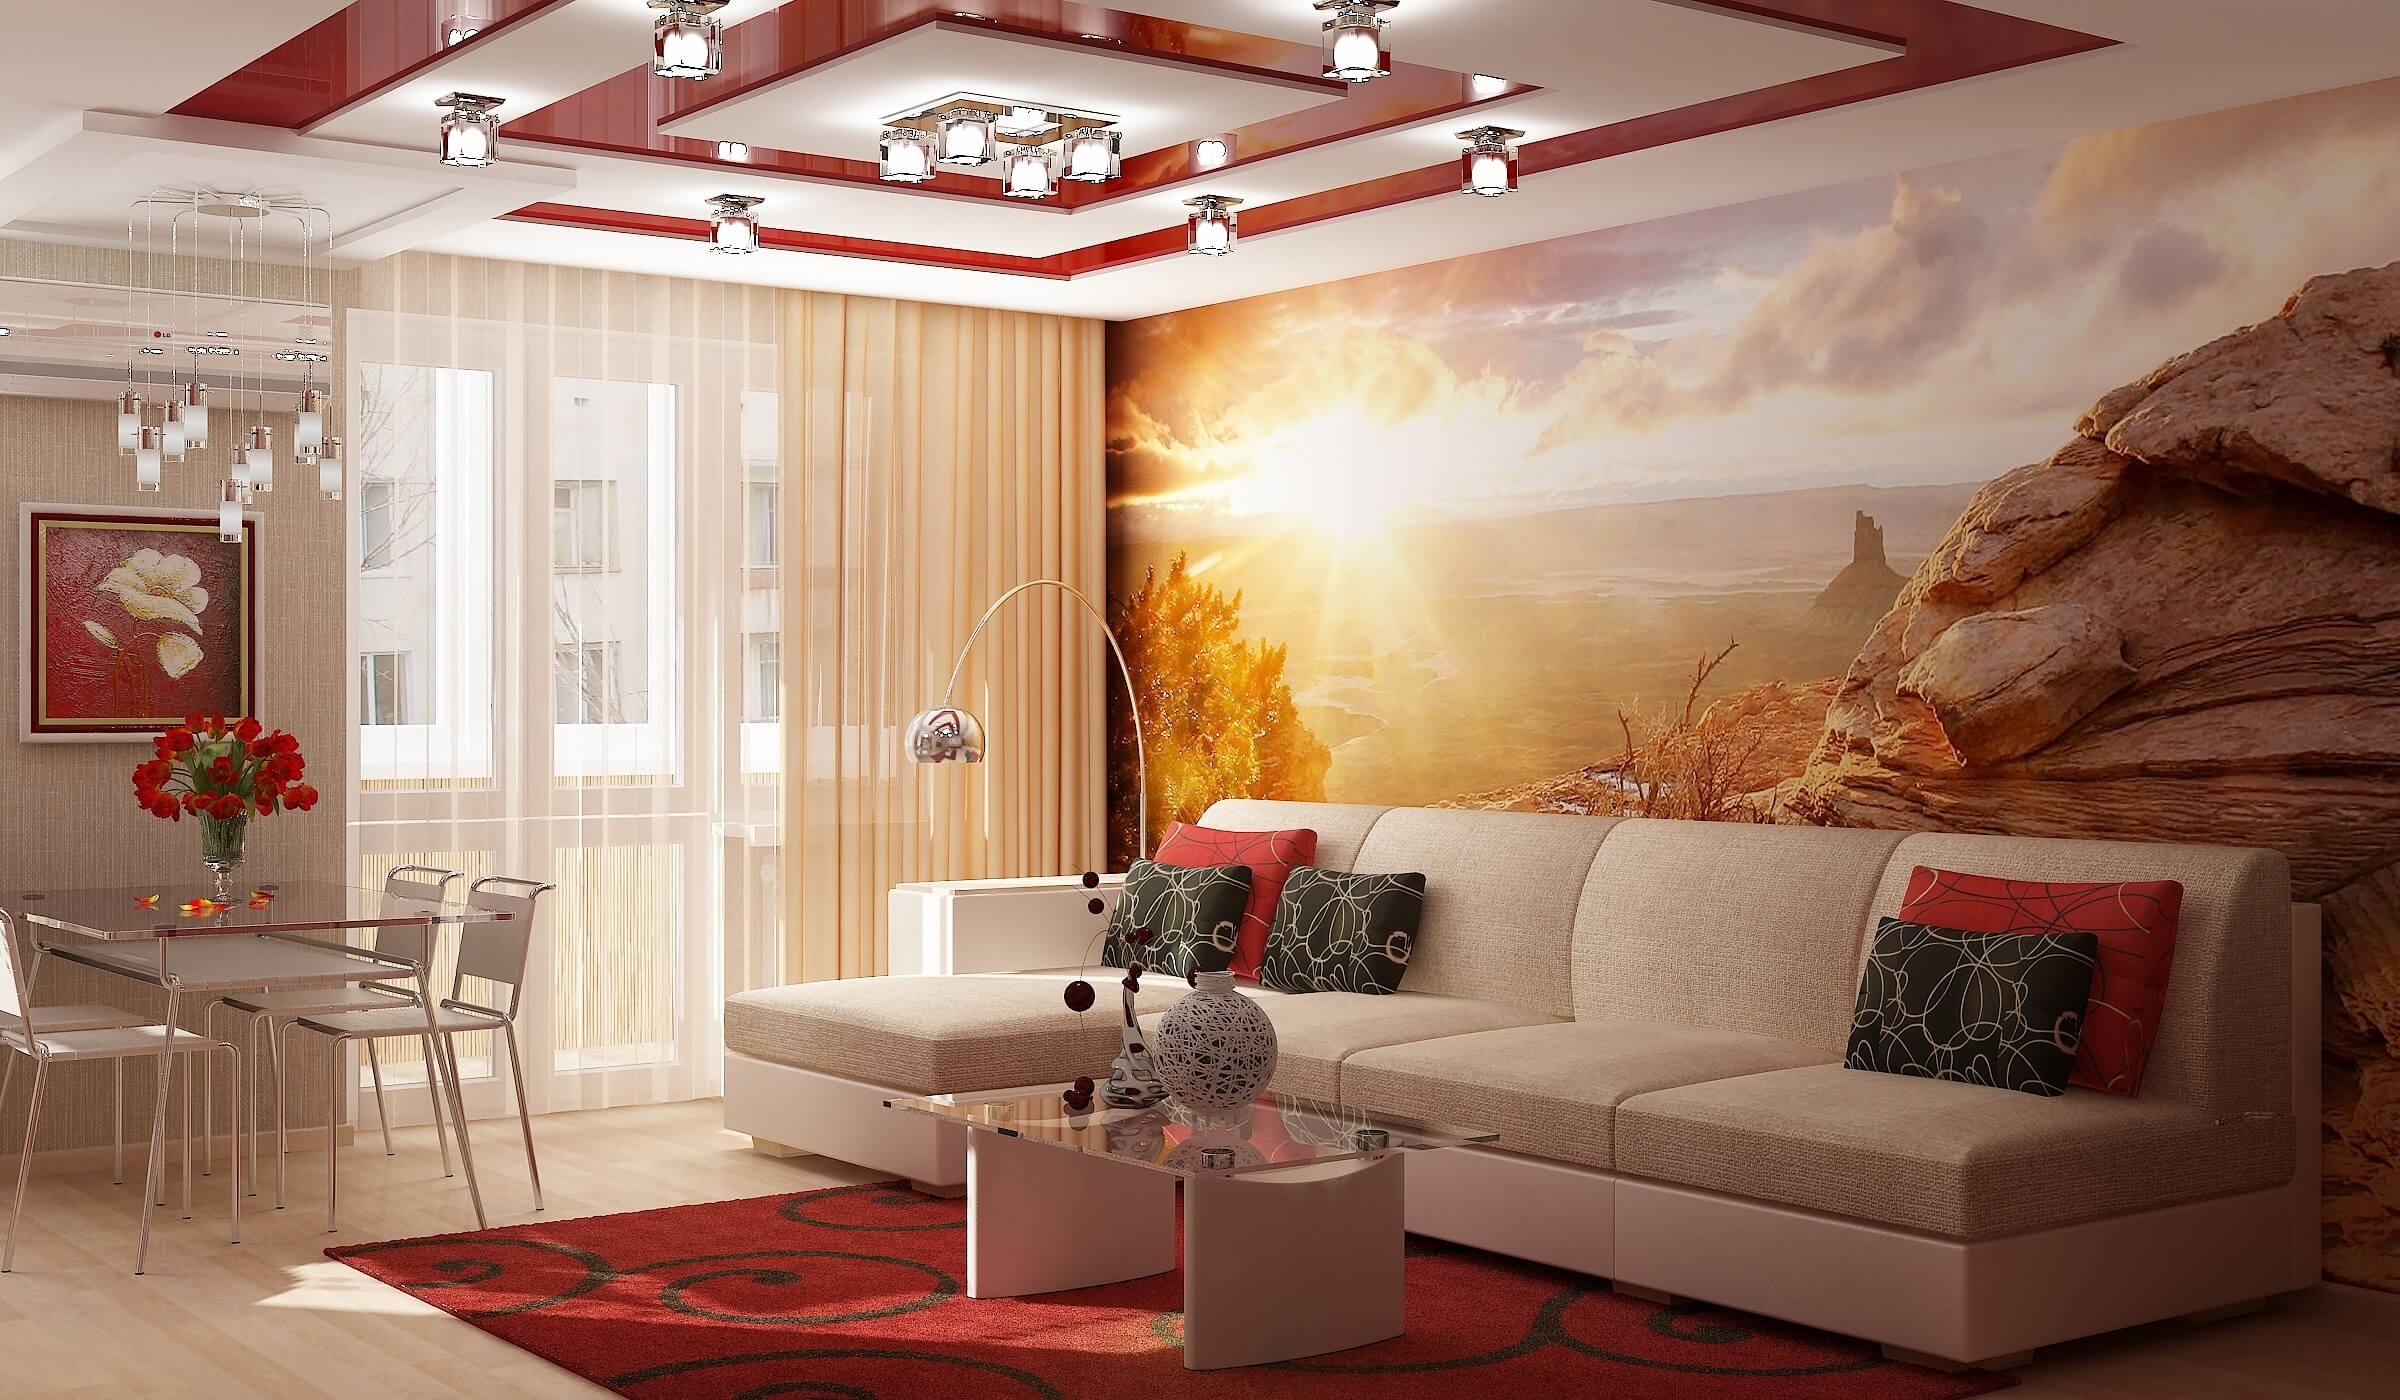 Идеи для ремонта, дизайн квартир с фото | Идеи для ремонта